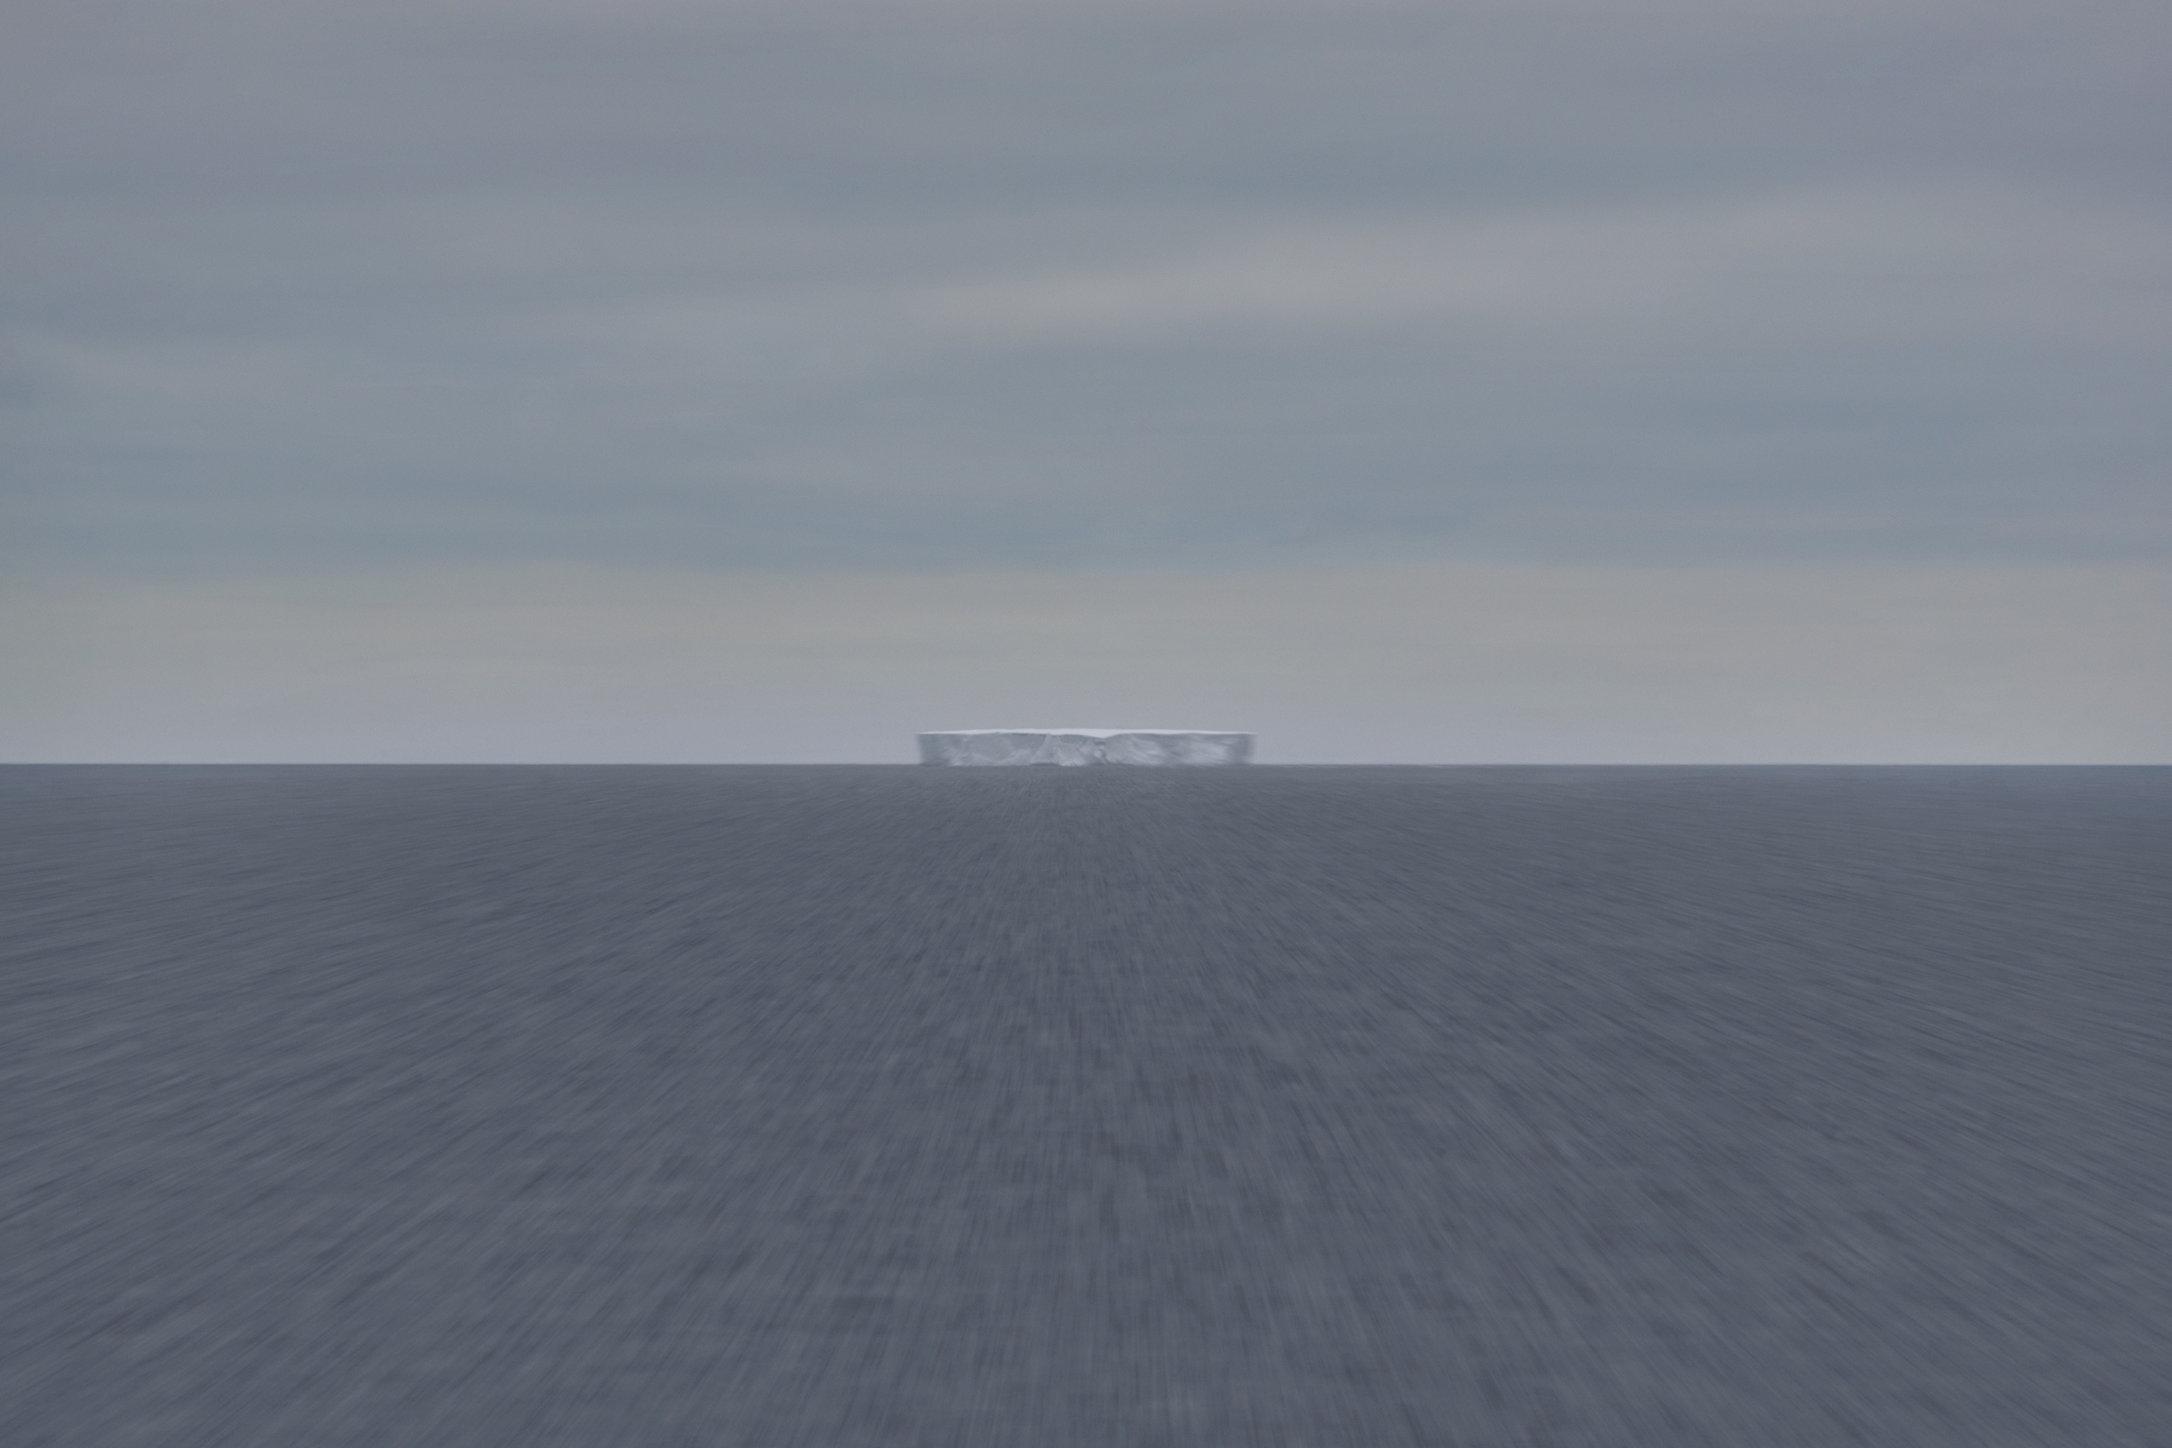 Land / Antarctica / Bismarck Strait